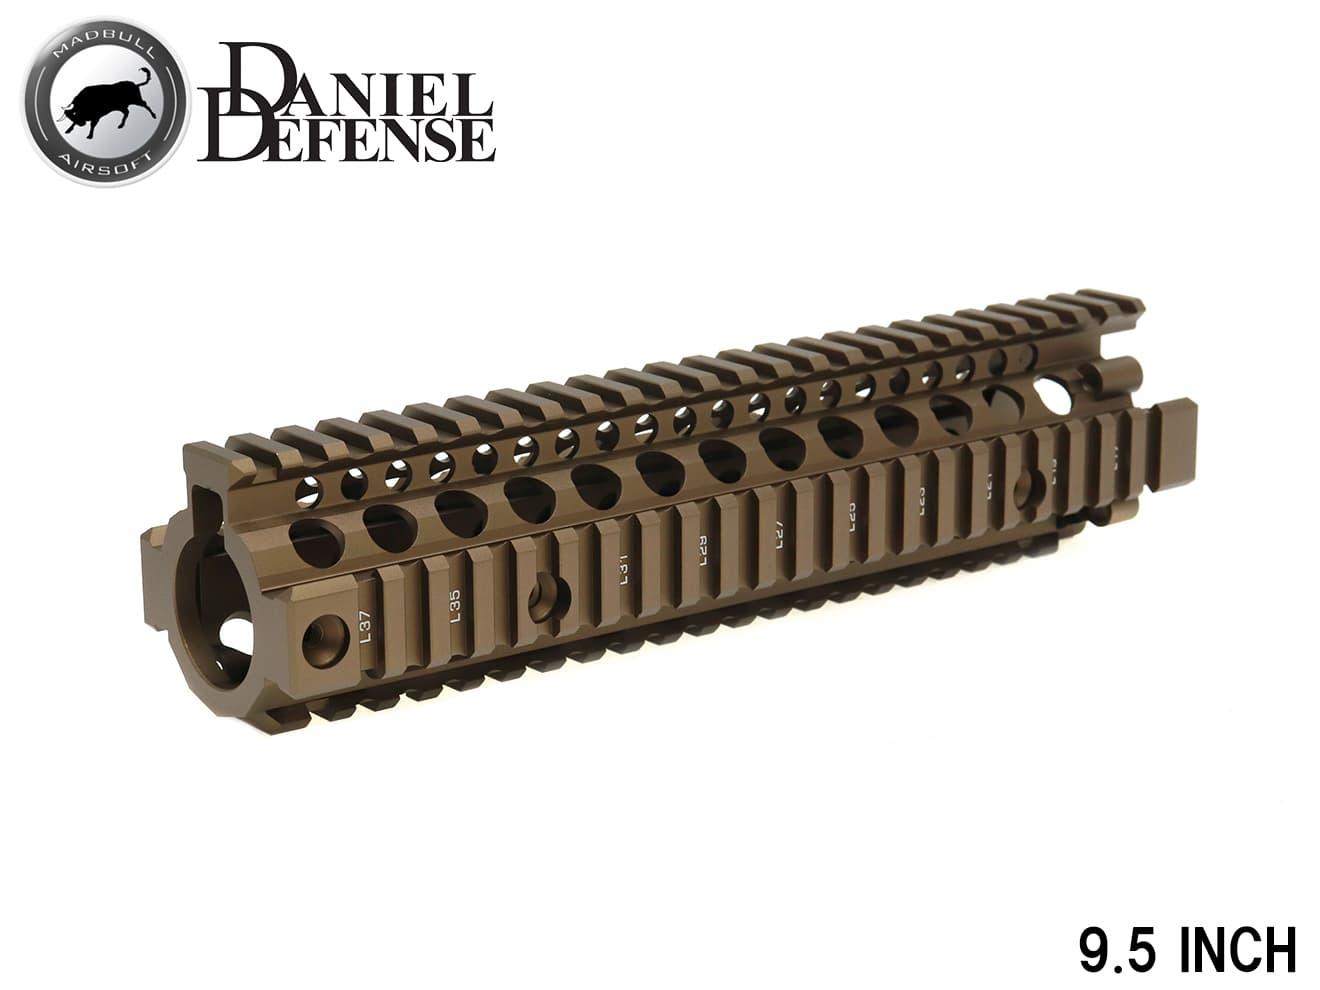 【送料無料】MADBULL DD ライトレール MK18 RIS2 9.5 DE◆フリーフロート/ラス/ハンドガード/ダニエルディフェンス/M4A1/M4MWS